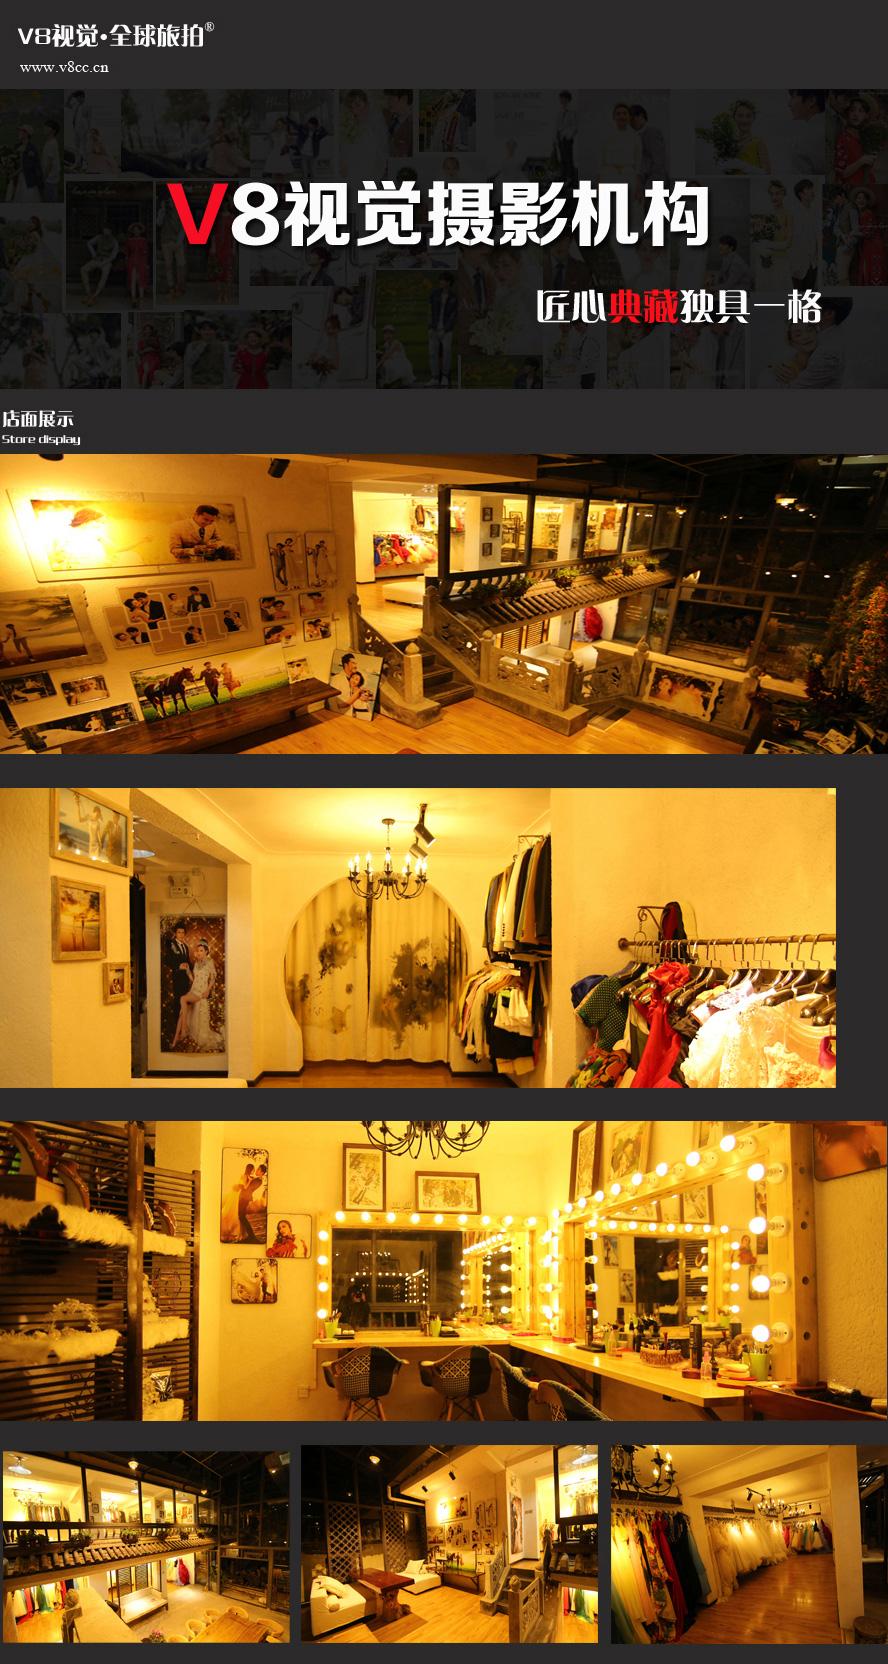 洱海网红景点地址_洱海摄影、摄像服务拍照攻略-大理市视觉摄影工作室